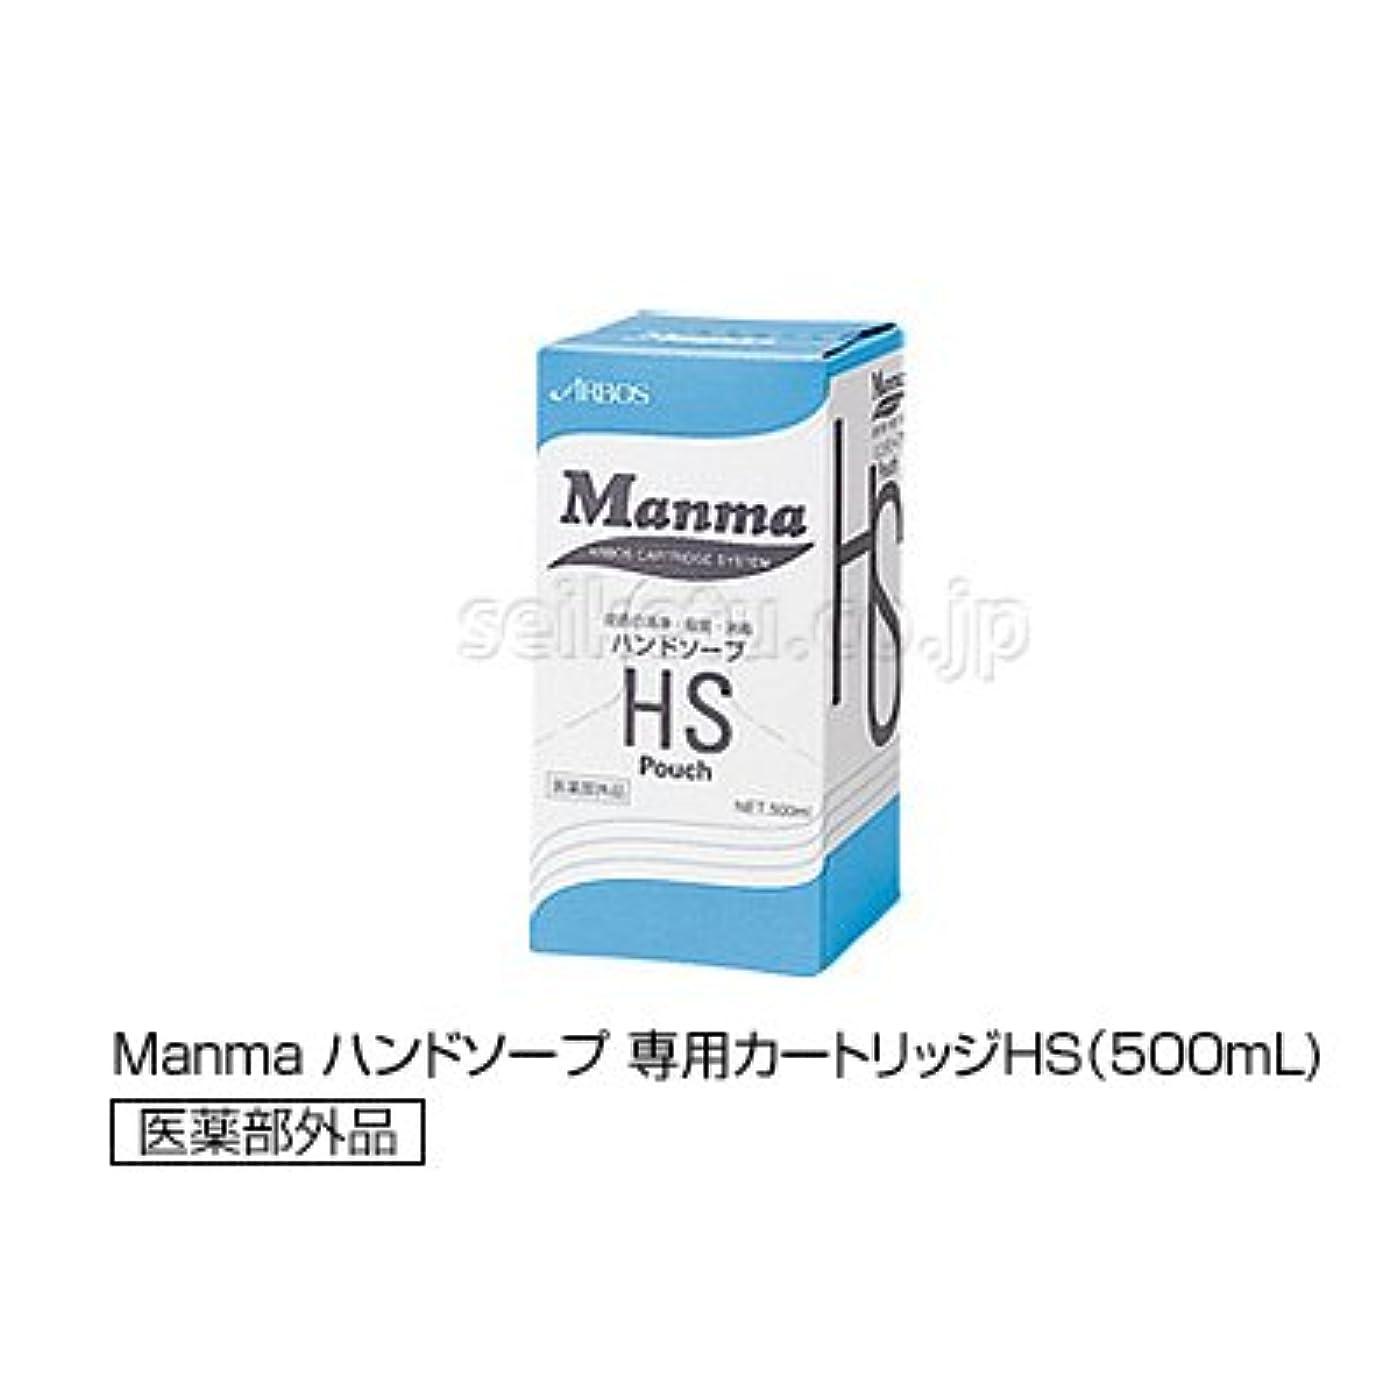 広げる凶暴なナラーバーManma ハンドソープ 専用カートリッジ/専用カートリッジHS(500mL)【清潔キレイ館】